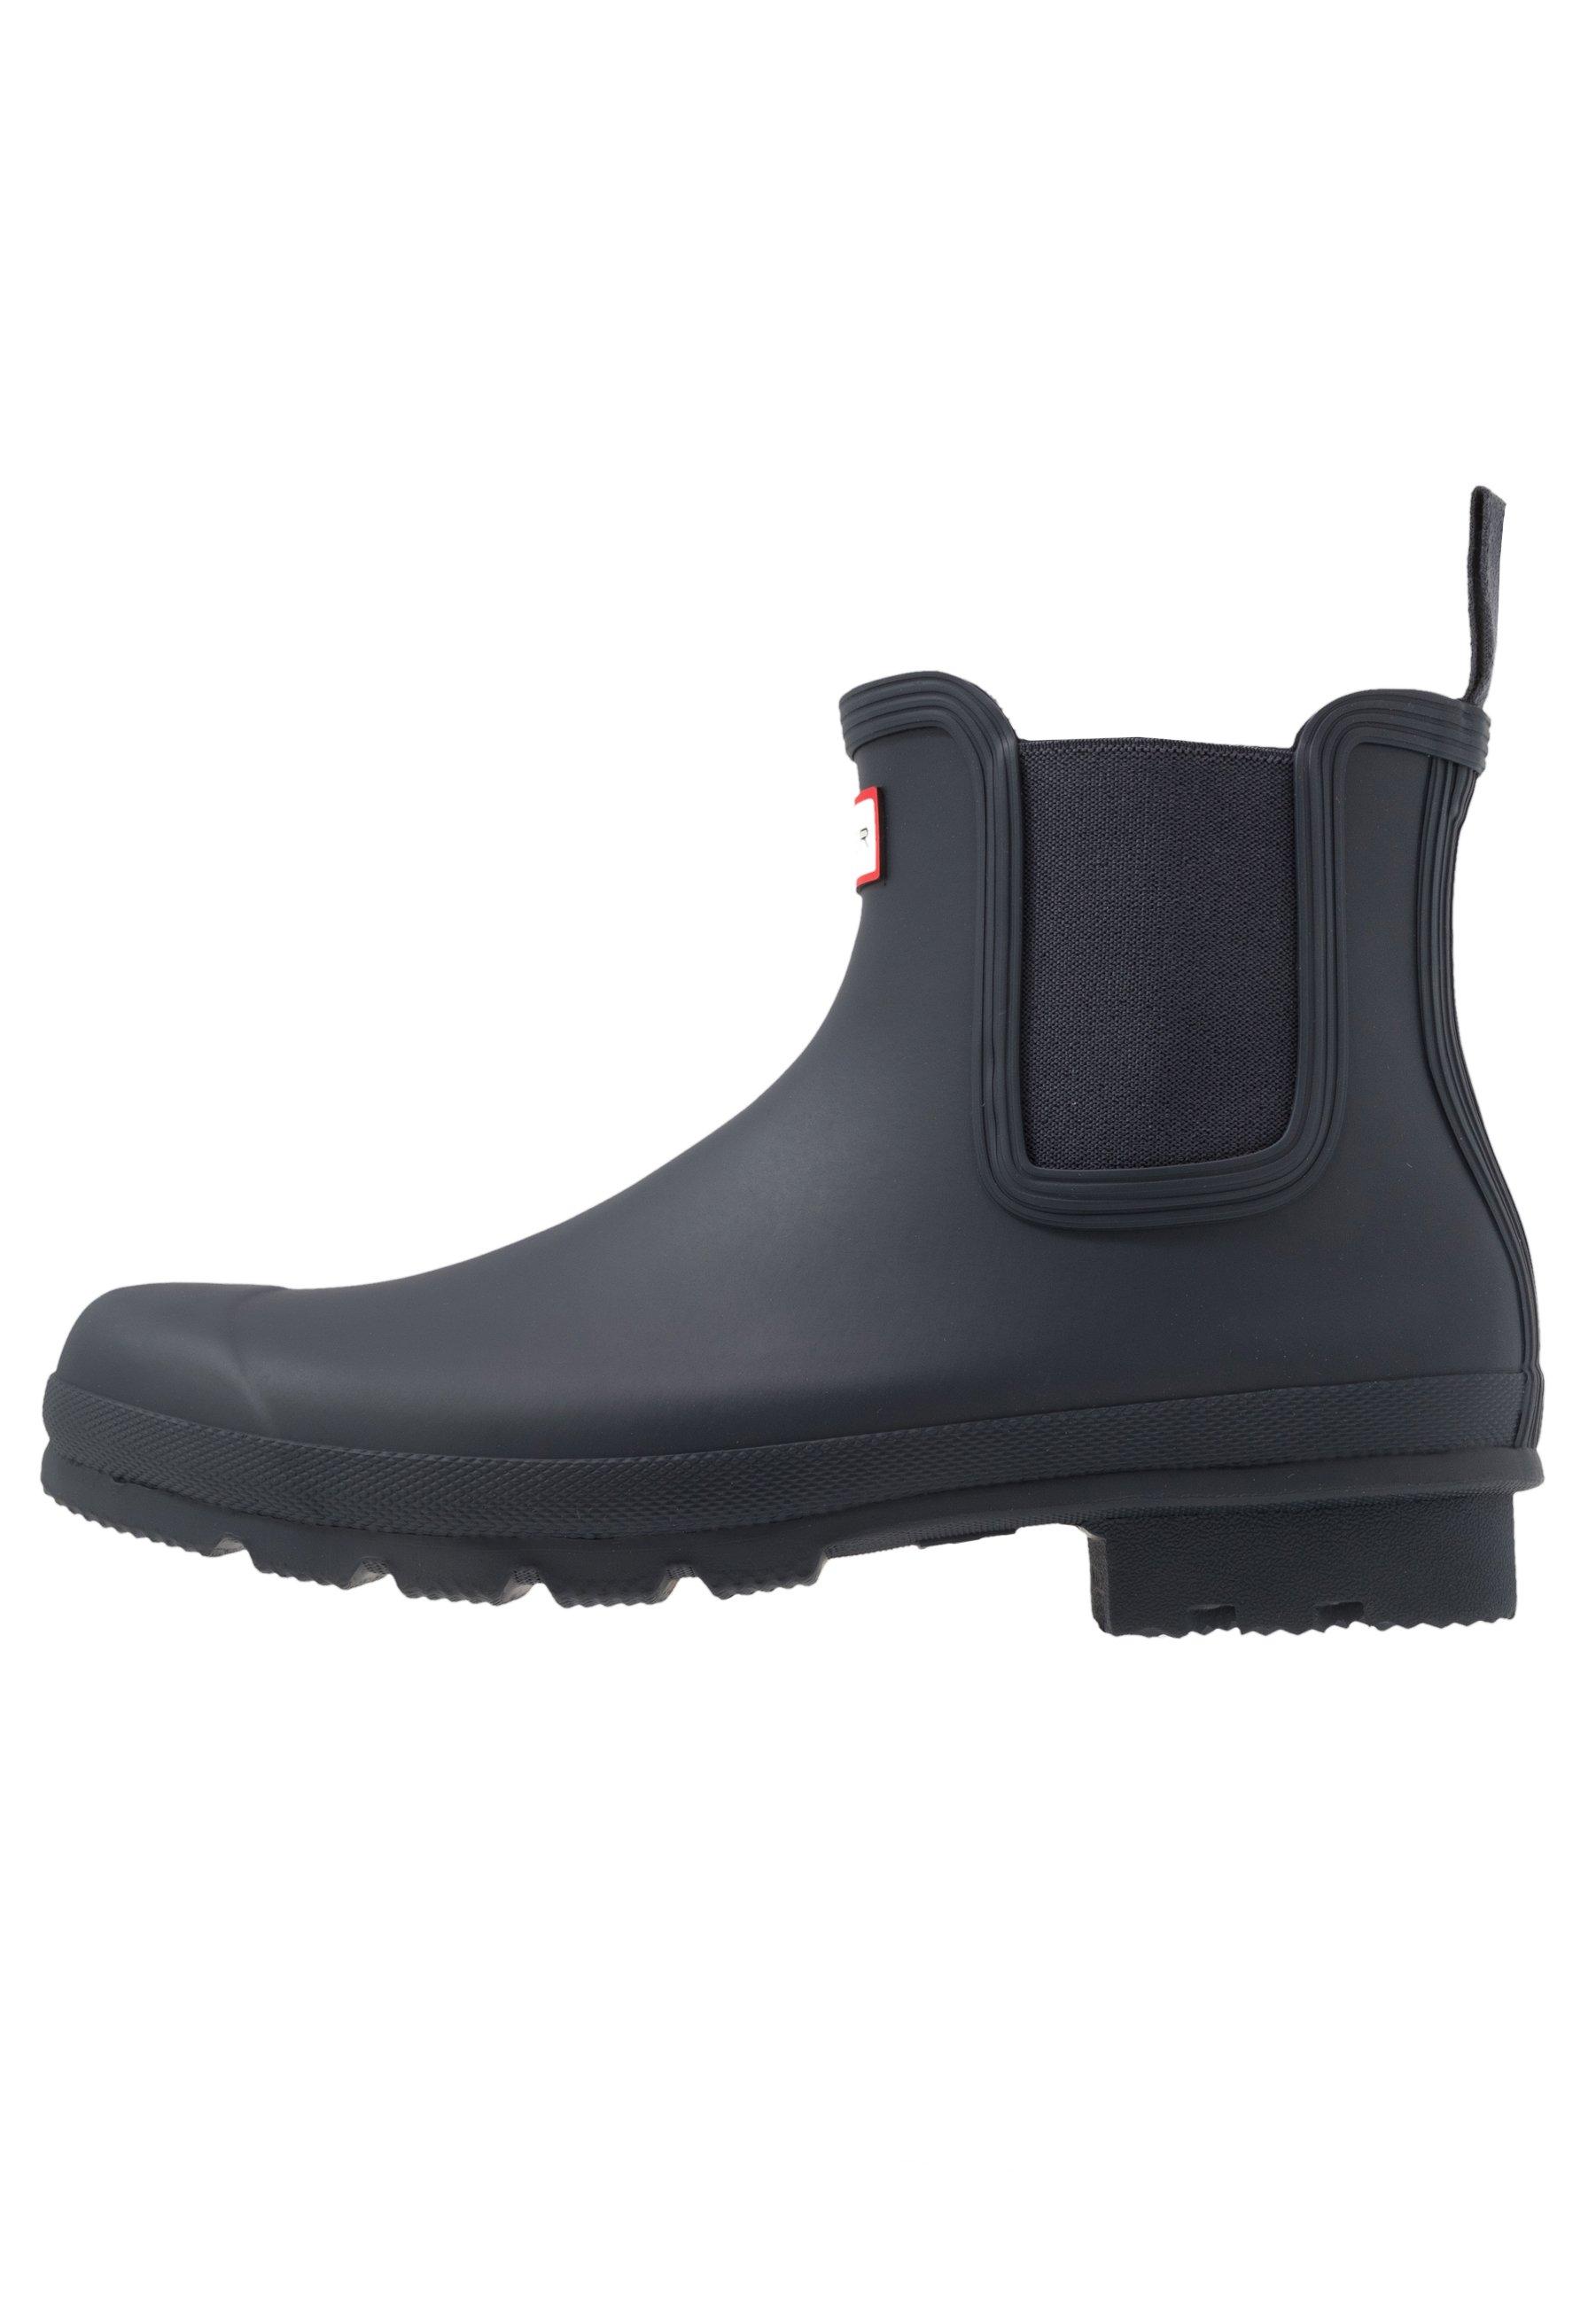 Hvite Hunter Sko | Dame | Nye sko på nett hos Zalando.no